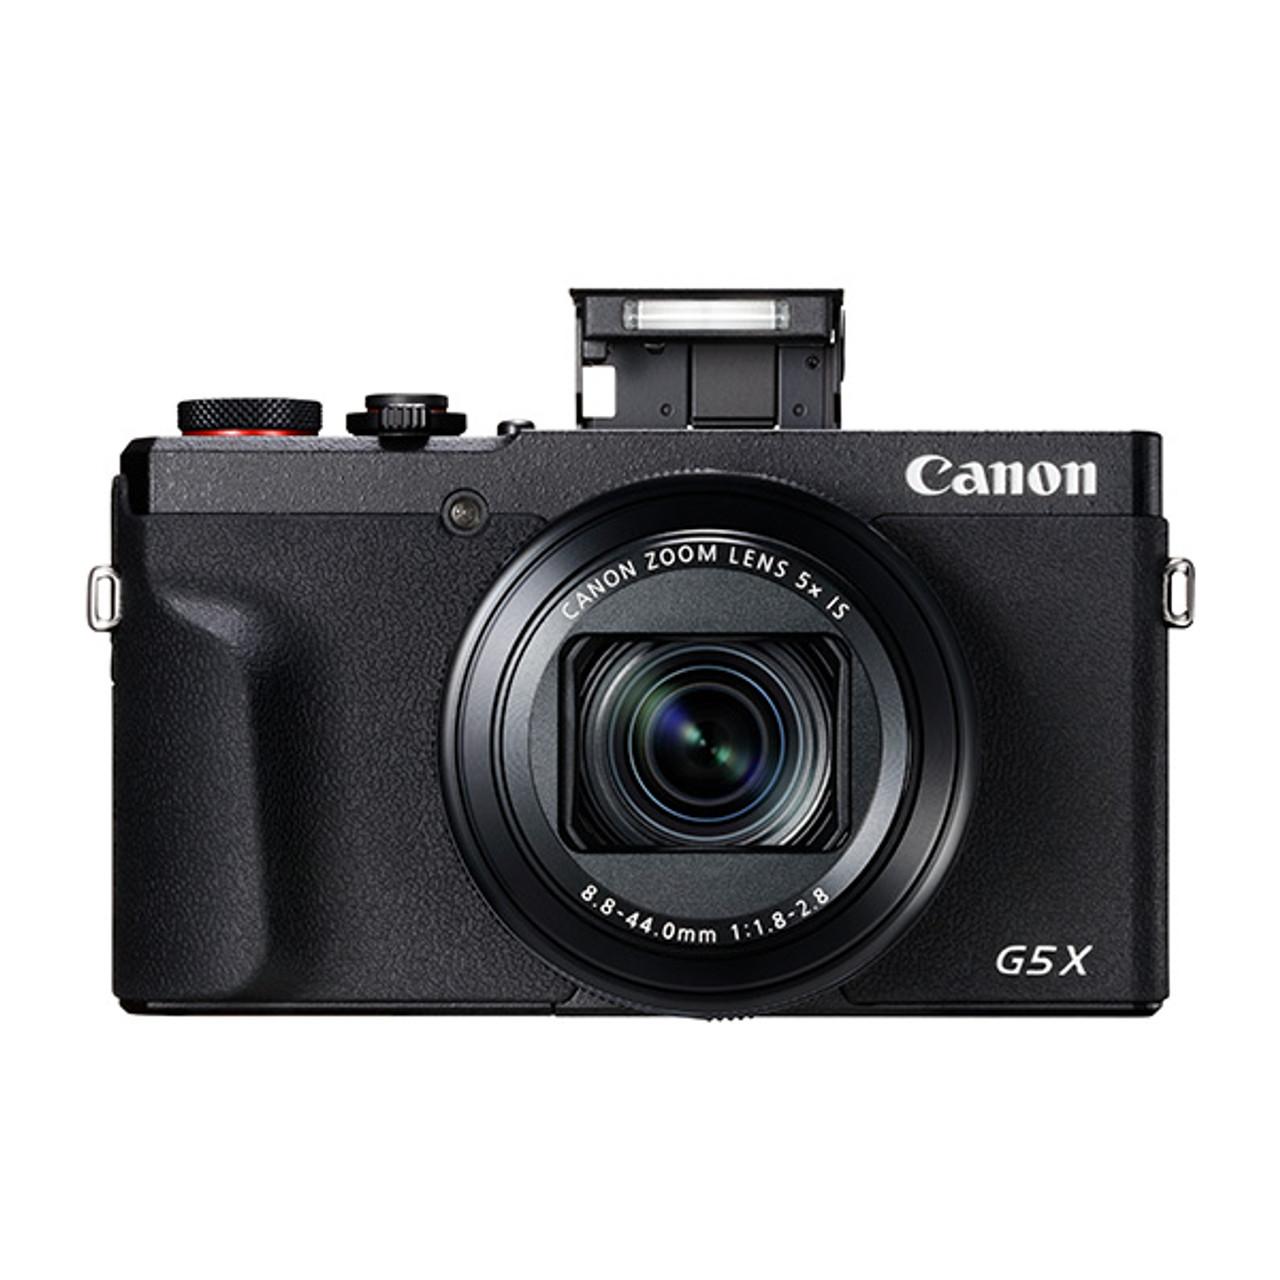 Canon Powershot G5 X MKII